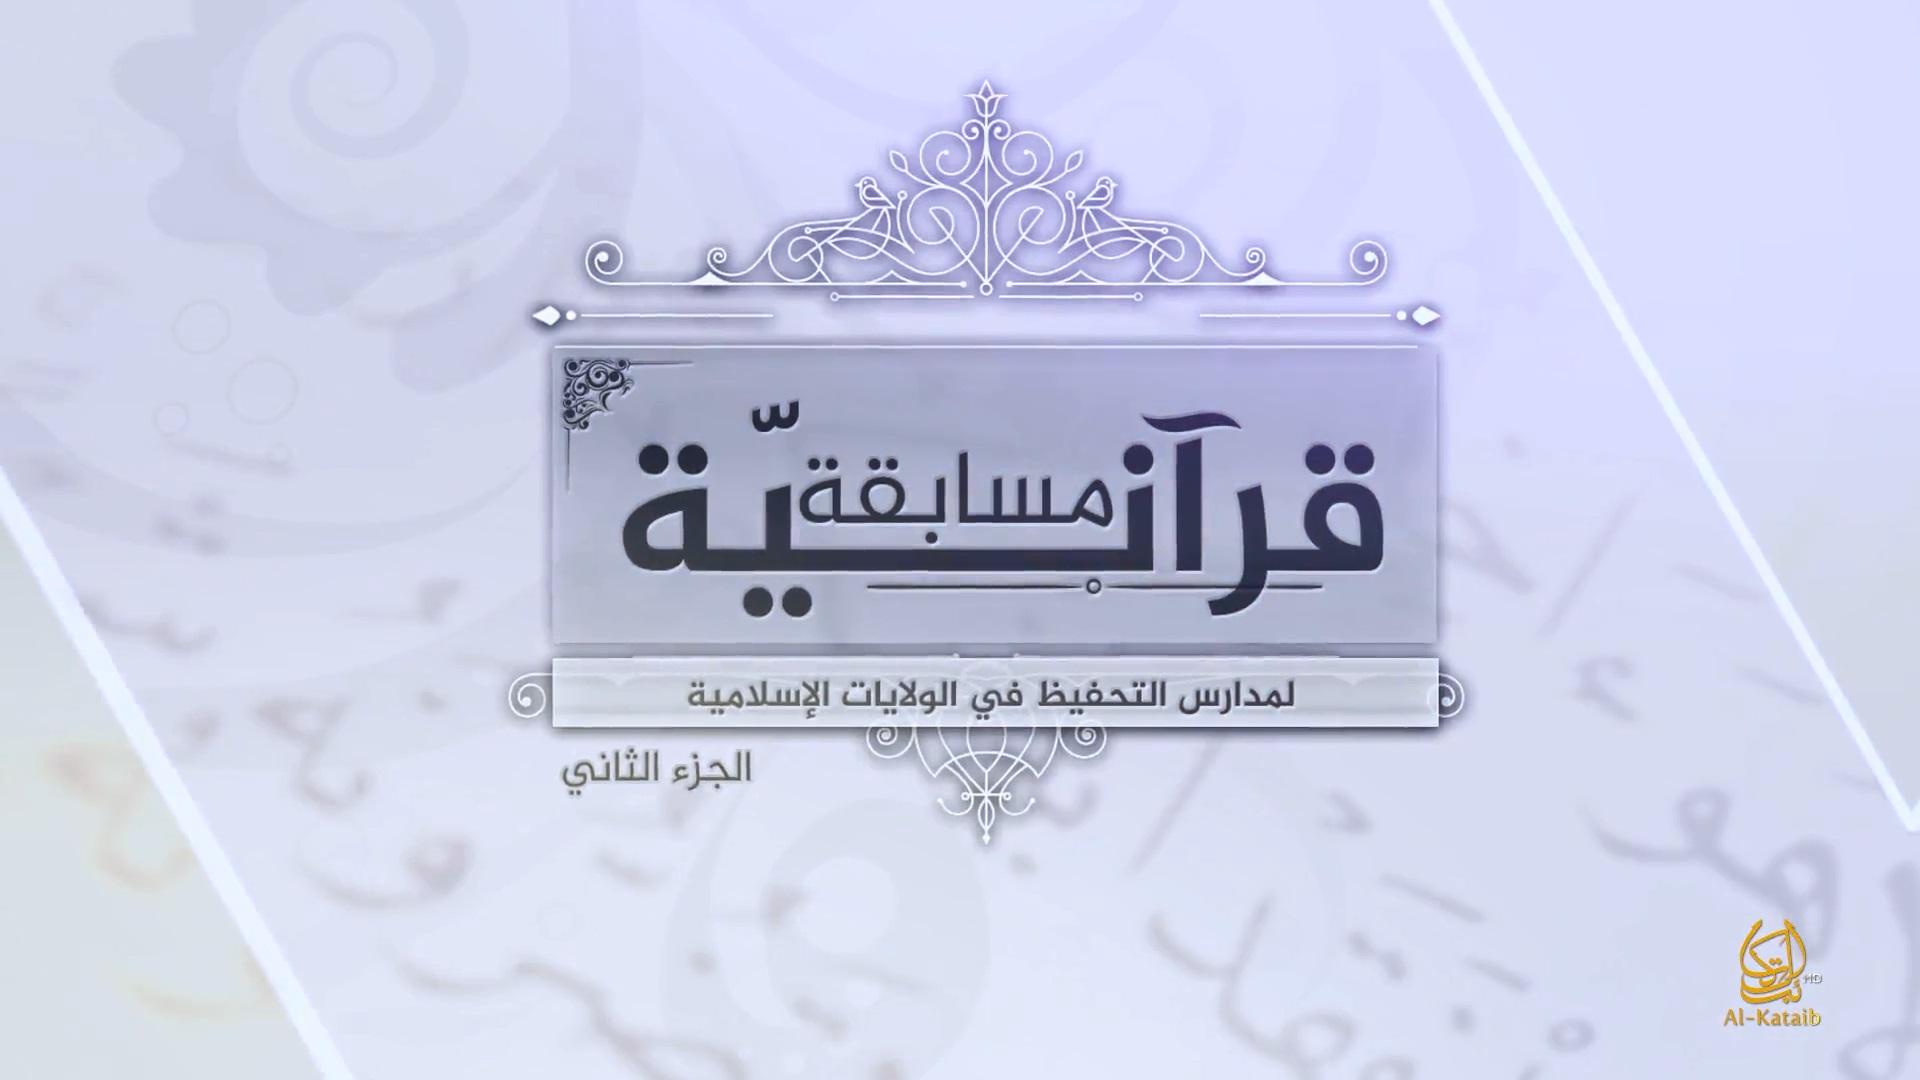 الجزء الثاني للمسابقة القرآنية للأطفال في الصومال جوائز قيمة وزعتها حركة الشباب المجاهدين وكالة شهادة الإخبارية